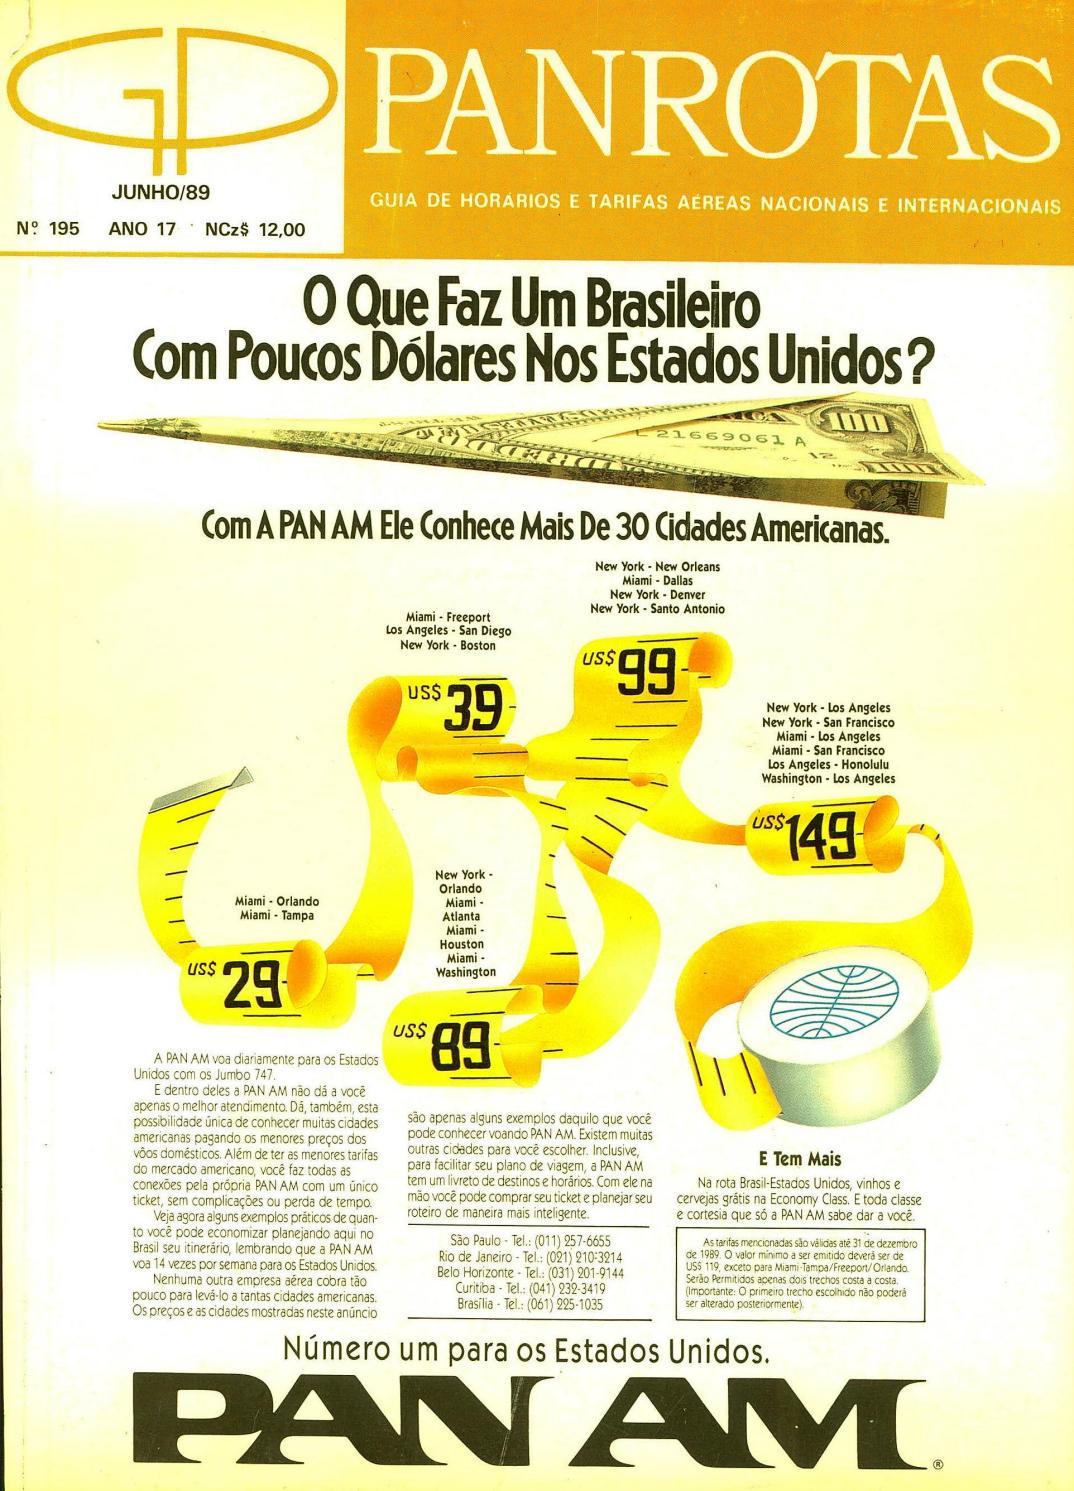 Guia PANROTAS - Edição 195 - Junho 1989 by PANROTAS Editora - issuu 5f46cc1d98c9e